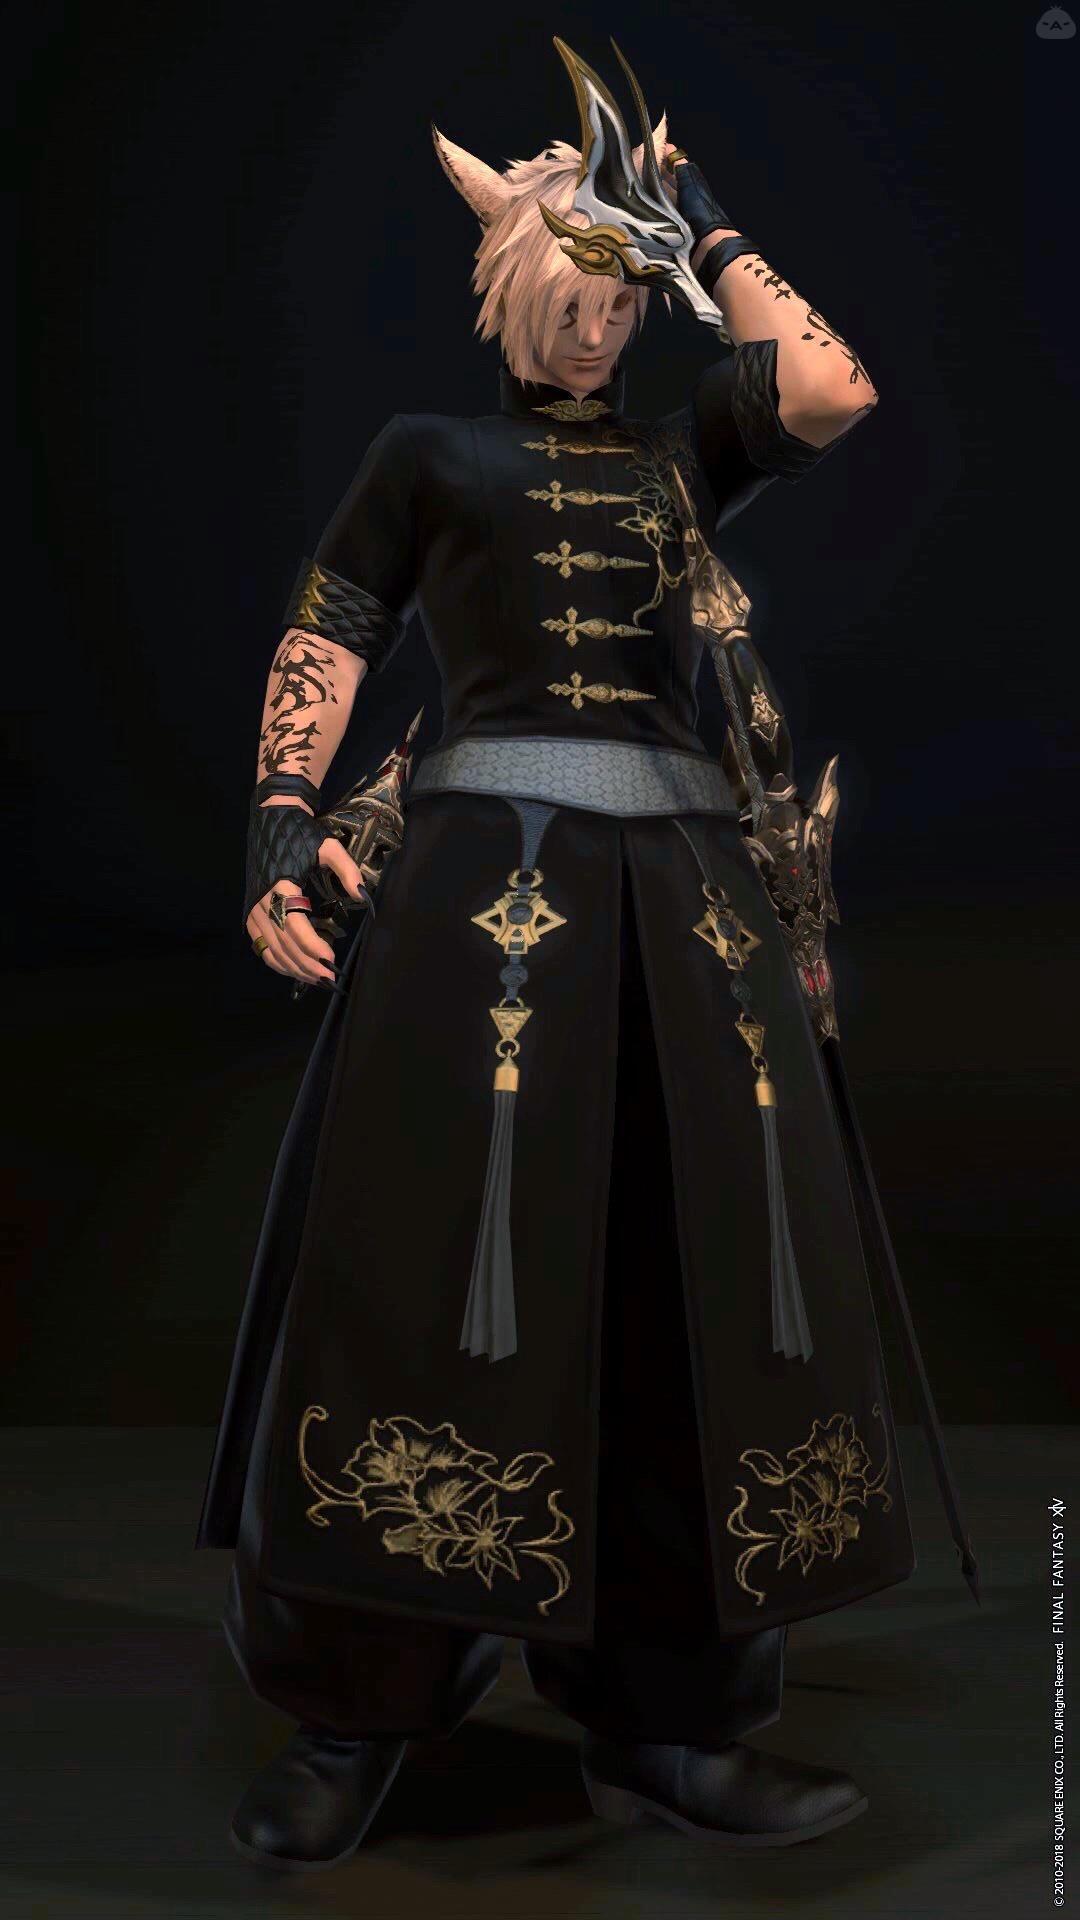 門客衣装×赤魔道士